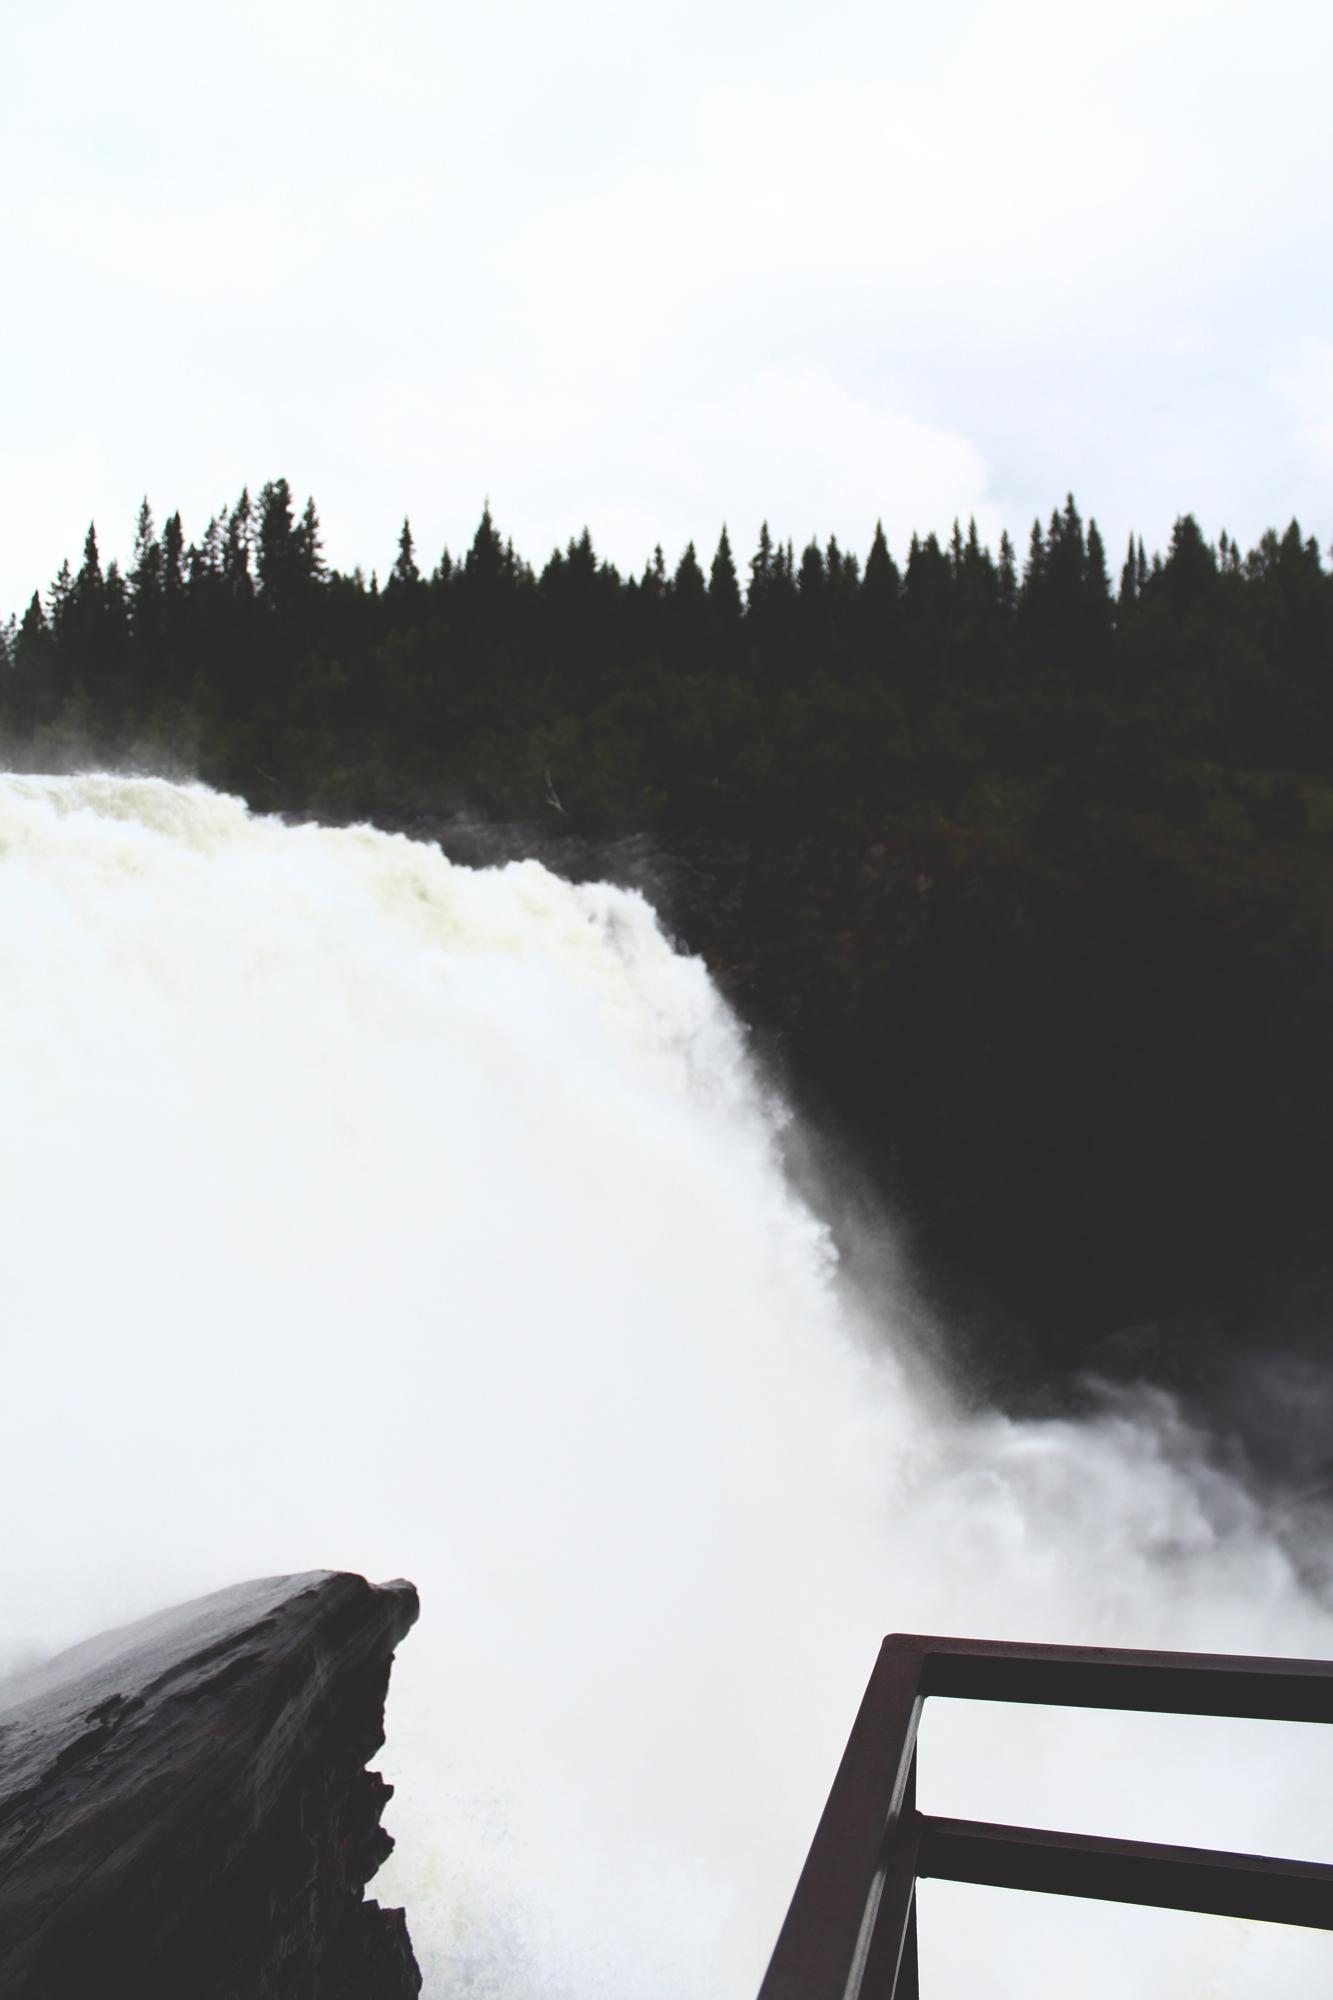 waterfall in sweden.jpg